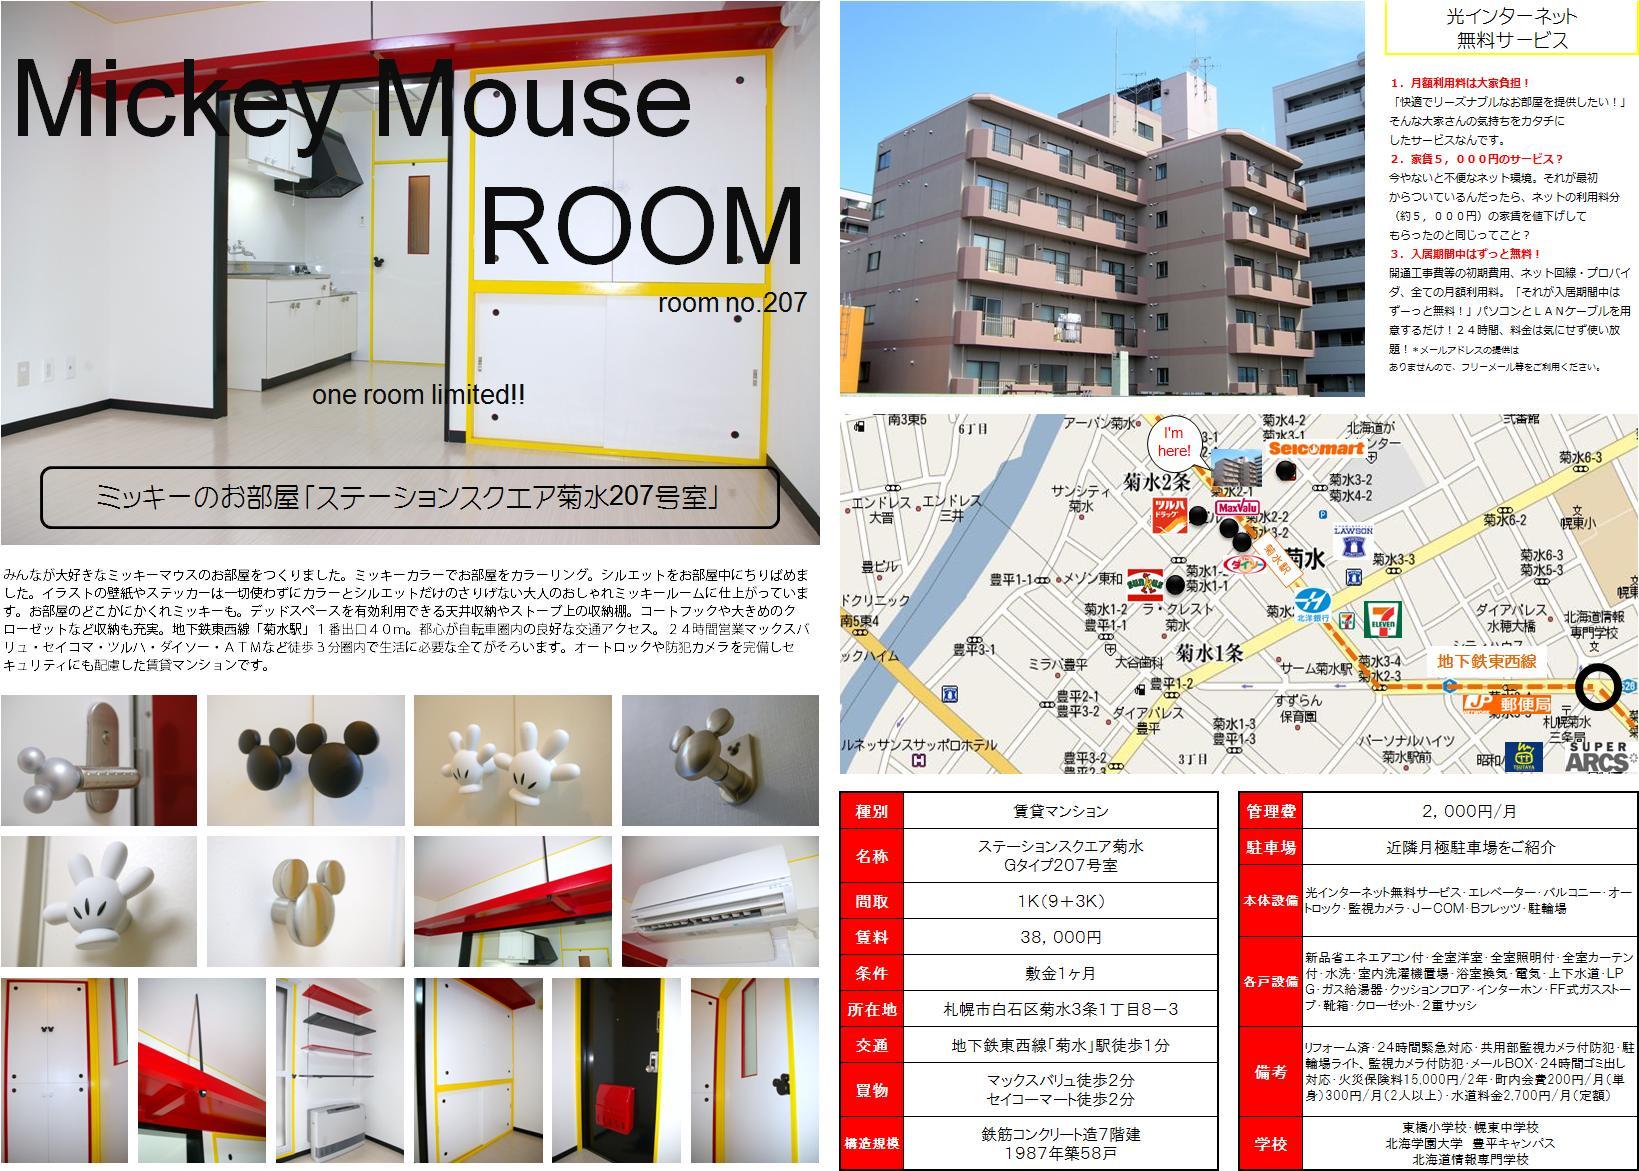 MickeyMouseROOMbrochure